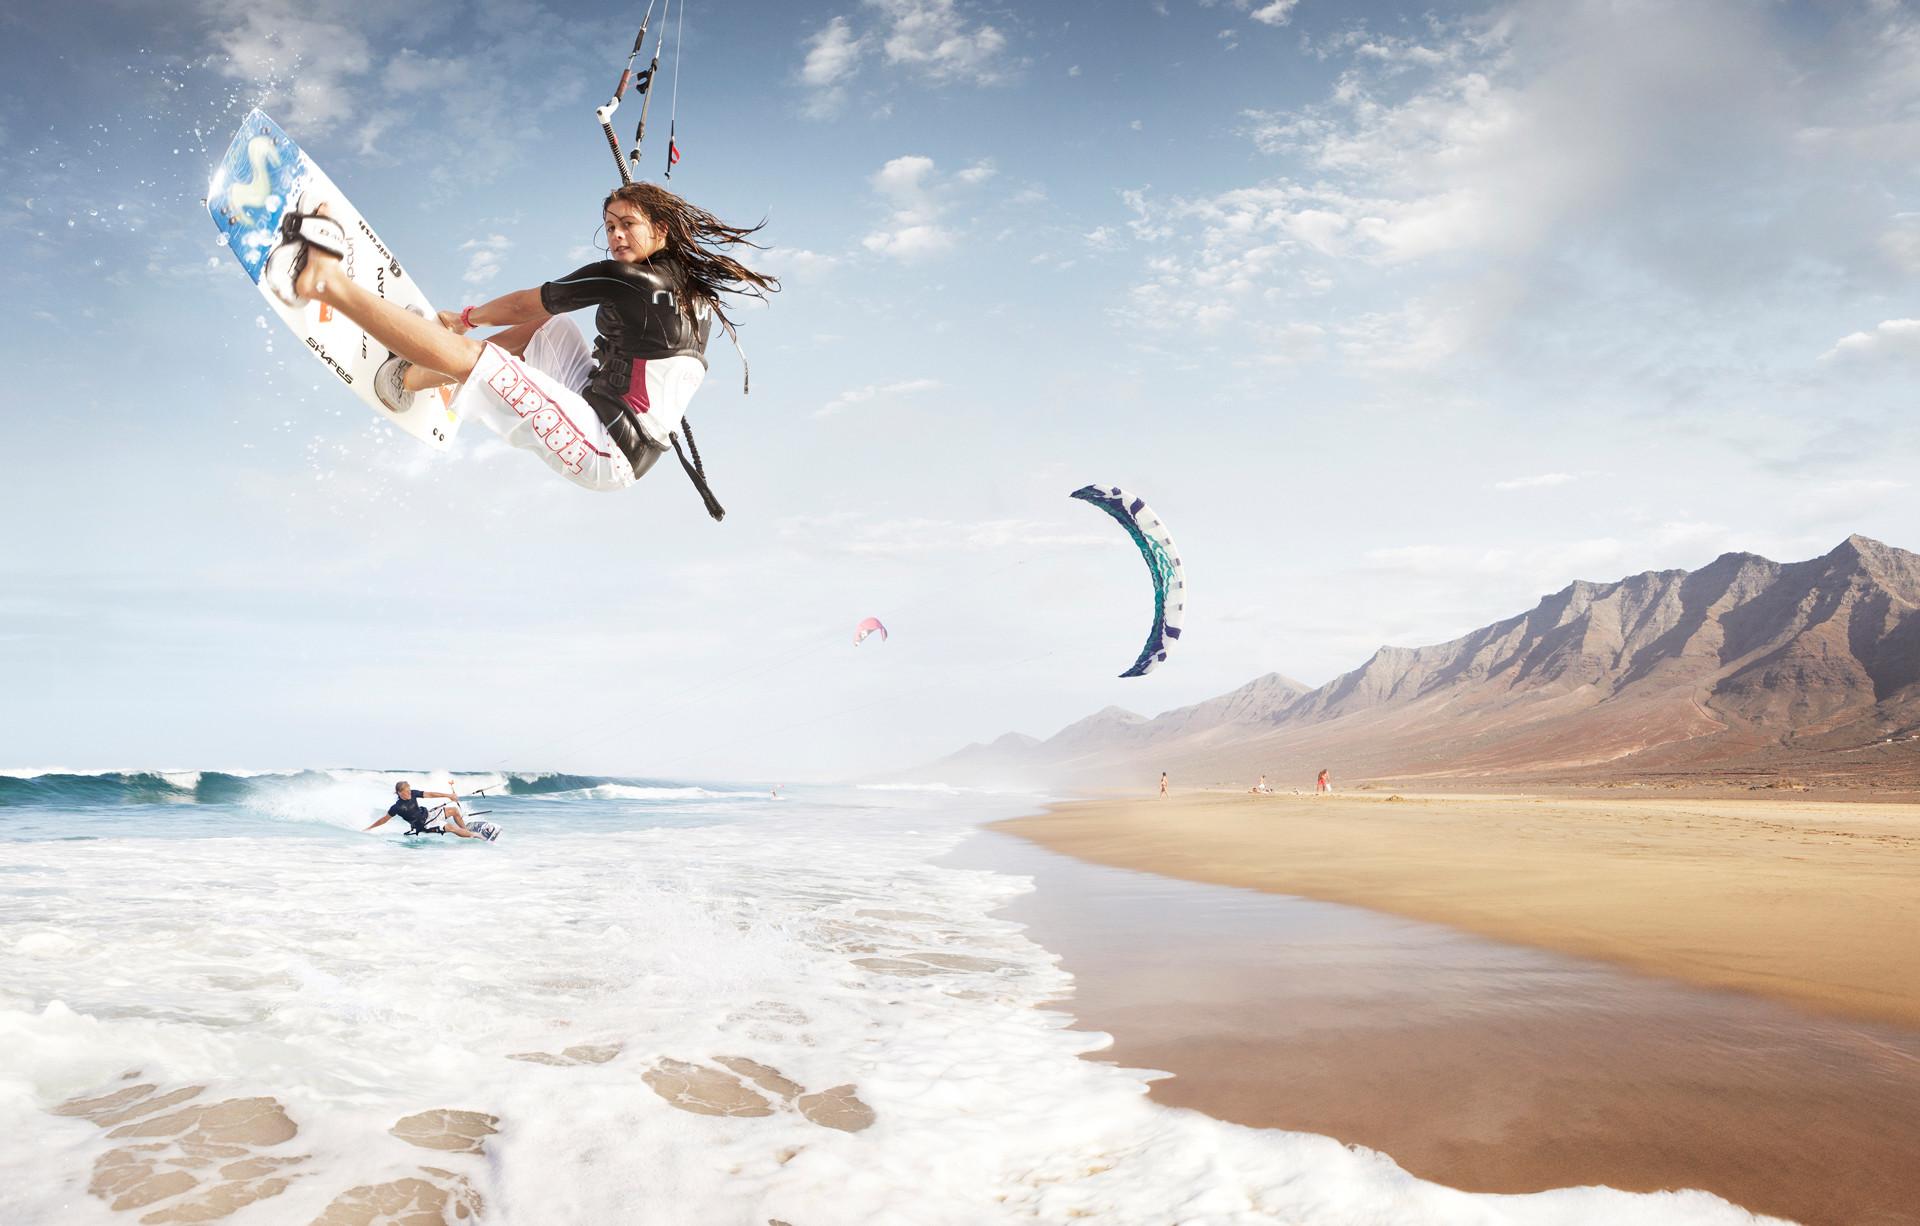 Erik Almas. Thumbnail_mce_espana_shopping_wip_10 v2  Thumbnailgenlux_wip_14_dreamscape_final Thumbnail_027_woman_lake  Thumbnail_7x7_maggie_lake_final …